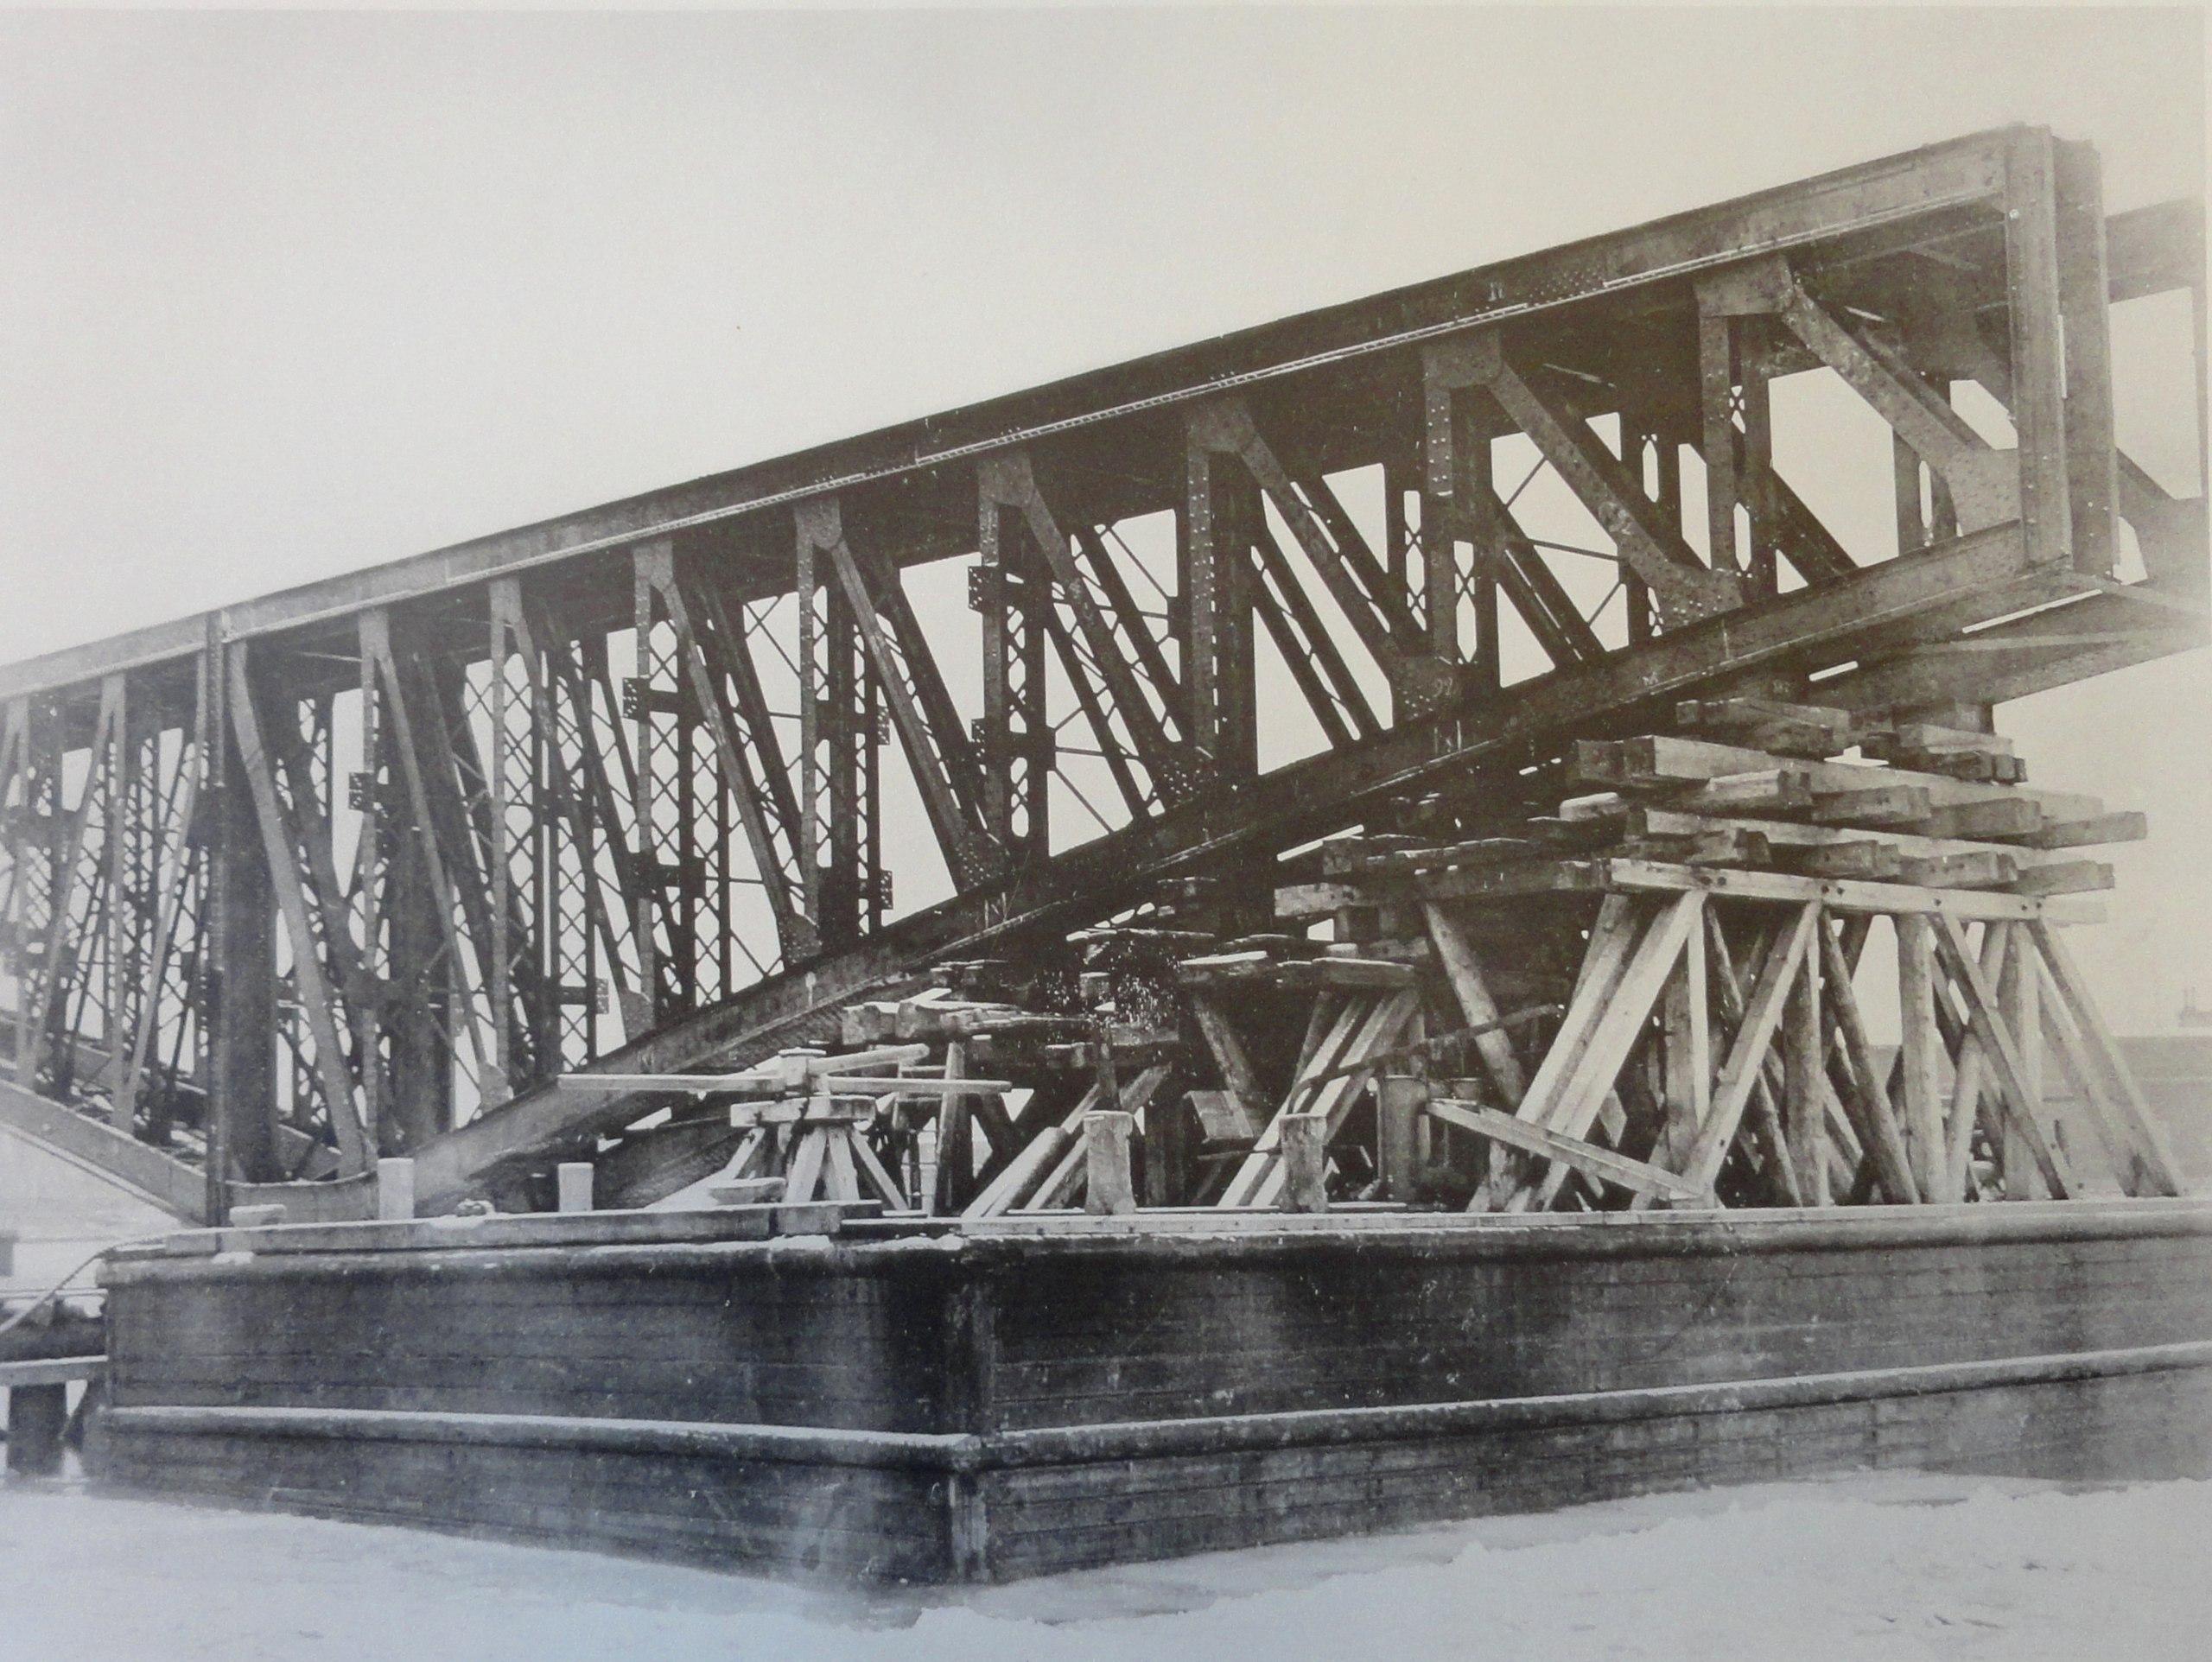 1900. Низкий понтон для перевозки арочных ферм. 17 декабря